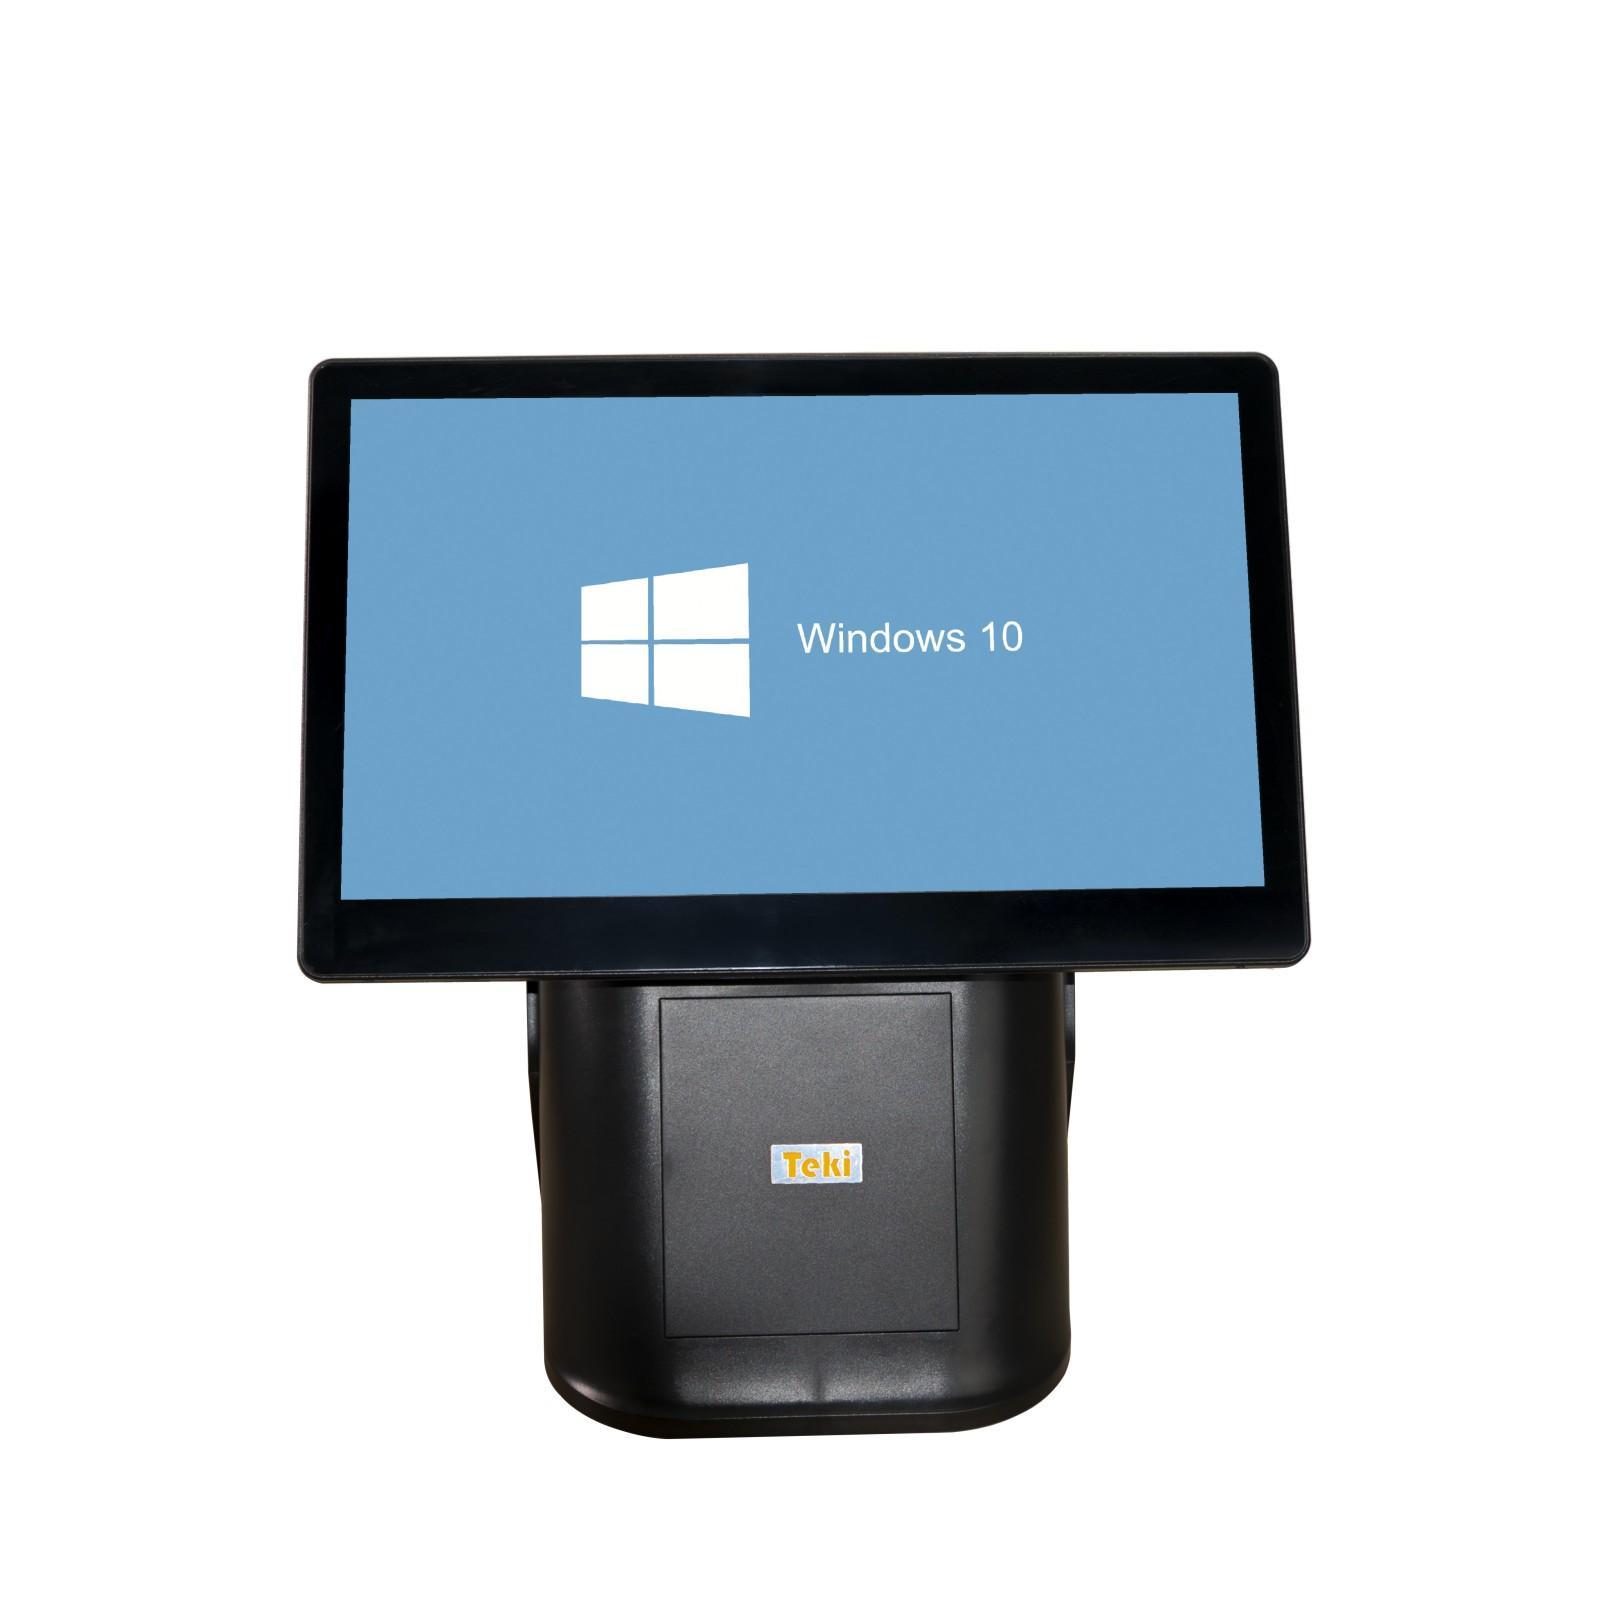 Máy tính tiền POS Teki P35 (2 màn hình) - Hàng chính hãng